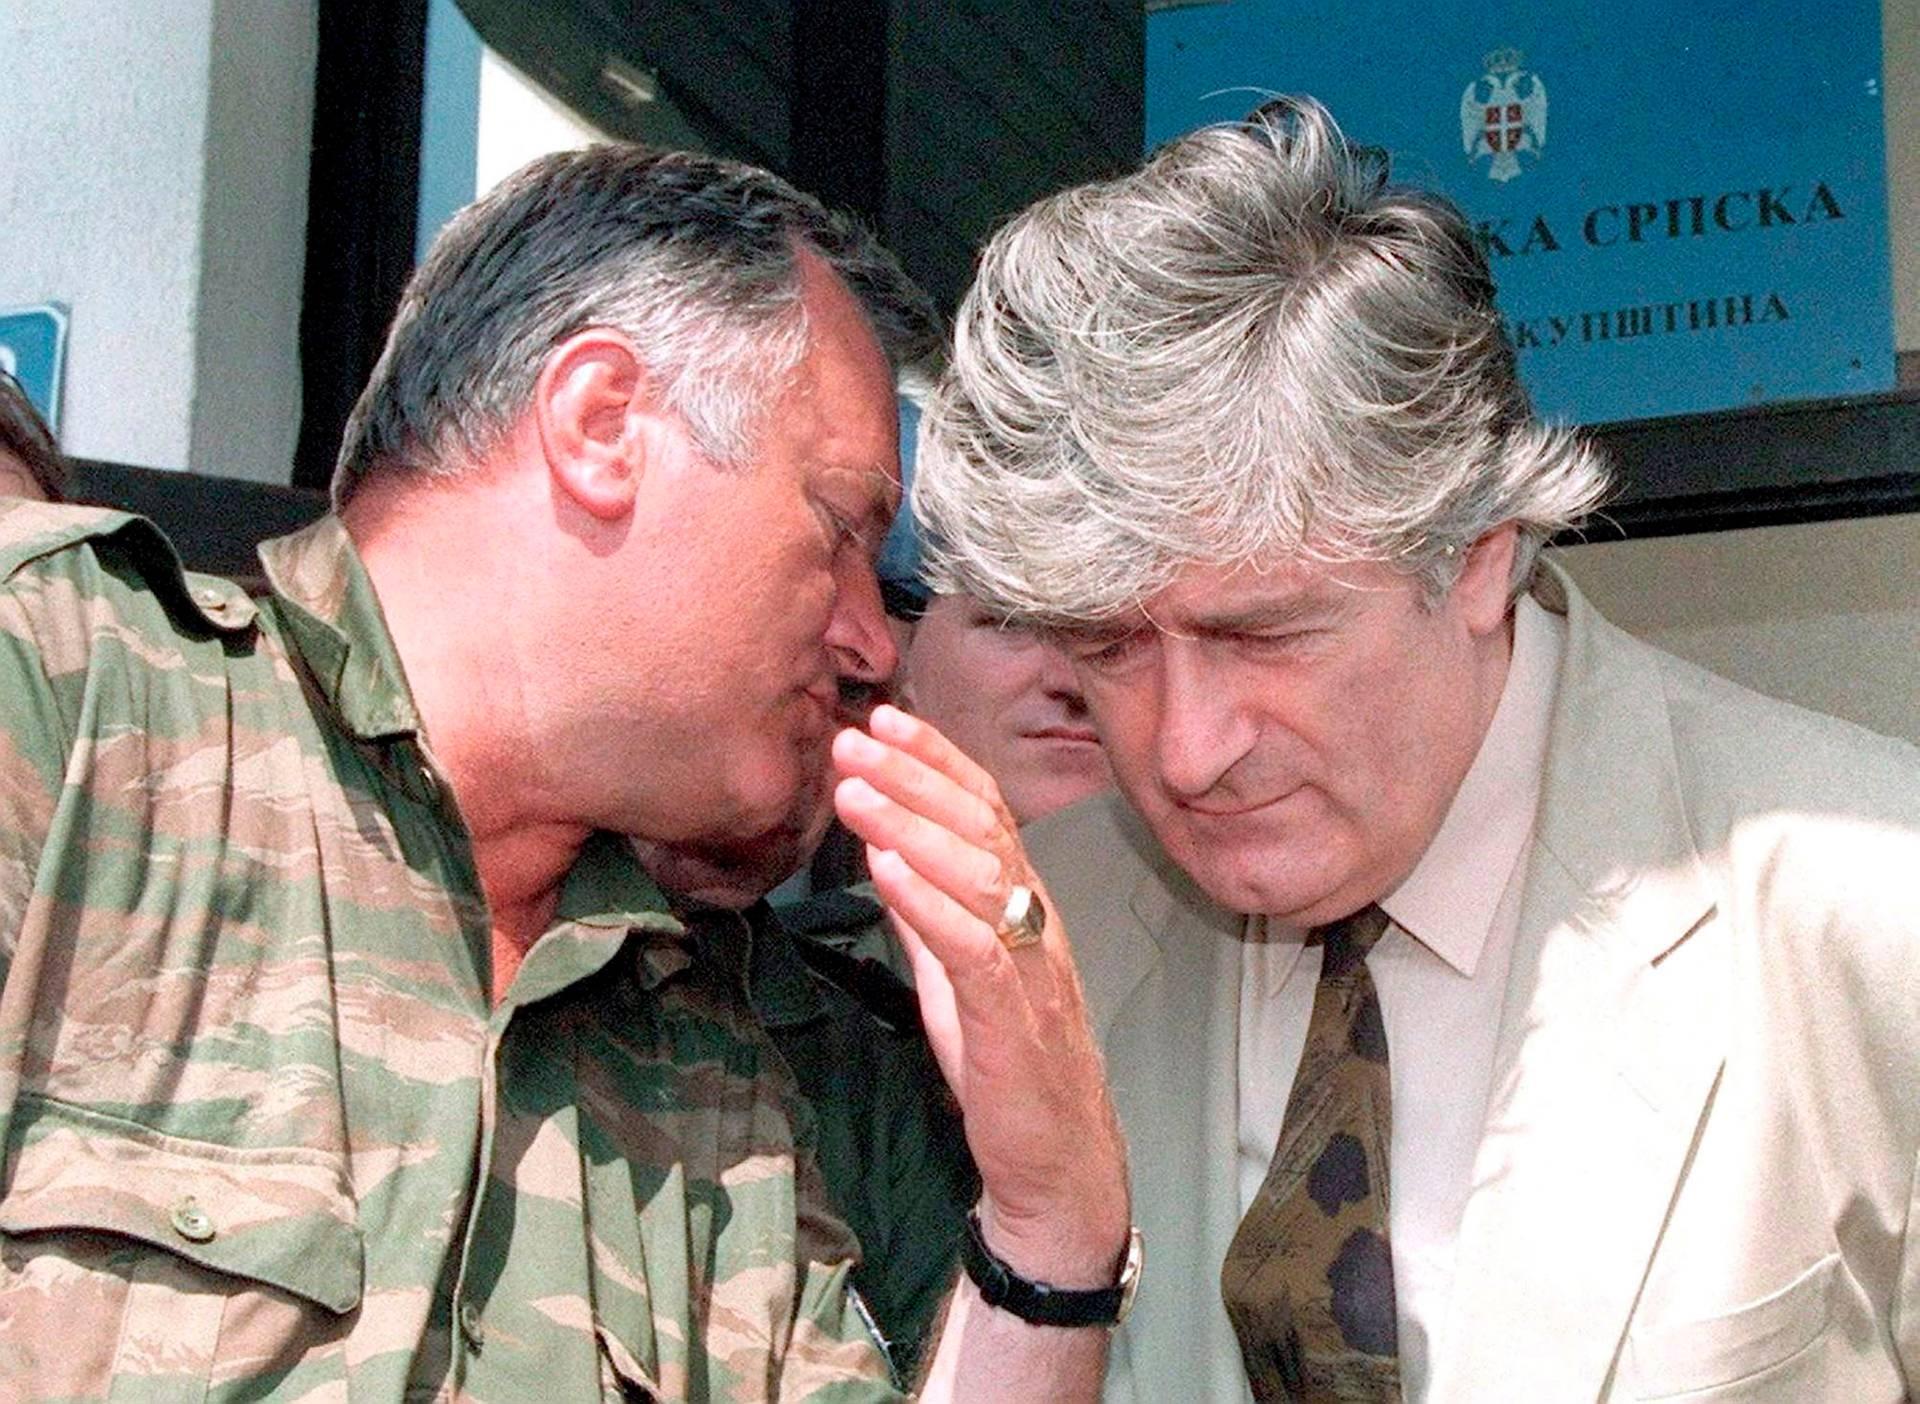 Колишній лідер боснійських сербів Радован Караджич (праворуч) та сербський генерал Ратко Младич в Пале, Боснія і Герцеговина, 5 серпня 1993 року. Обидва засуджені Гаазьким трибуналом до довічного ув'язнення за геноцид, злочини проти людяності і військові злочини